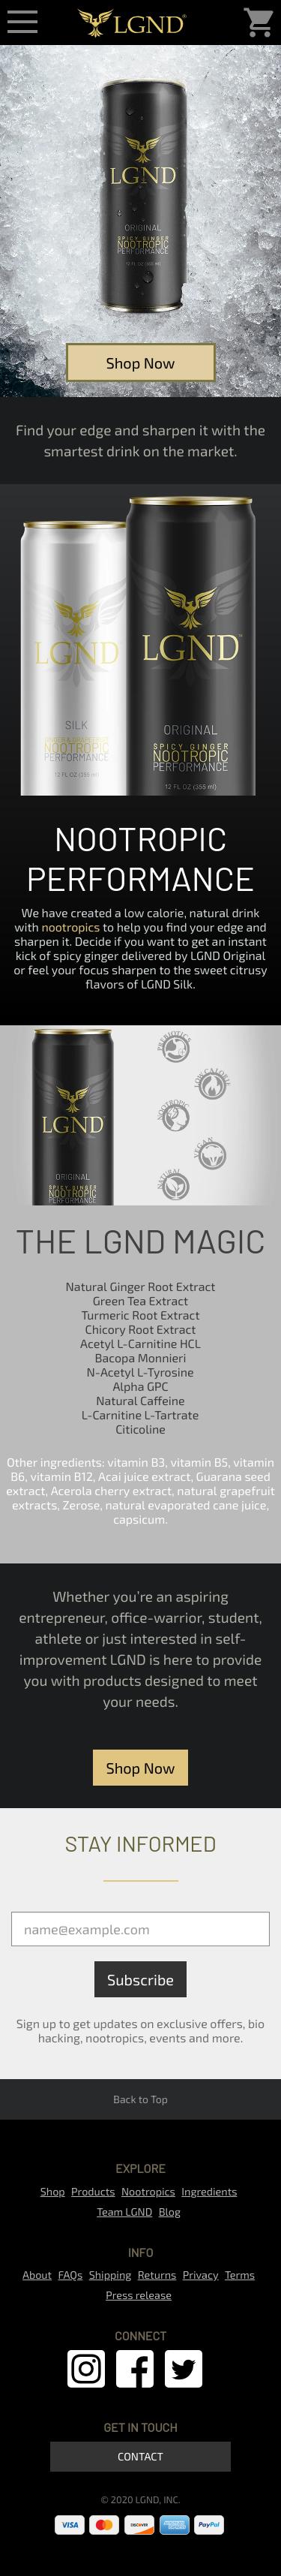 Example of Design for Food & Drink, Beverages, Mobile Landing Page by drink-lgnd.com | Mobile Landing Page Design